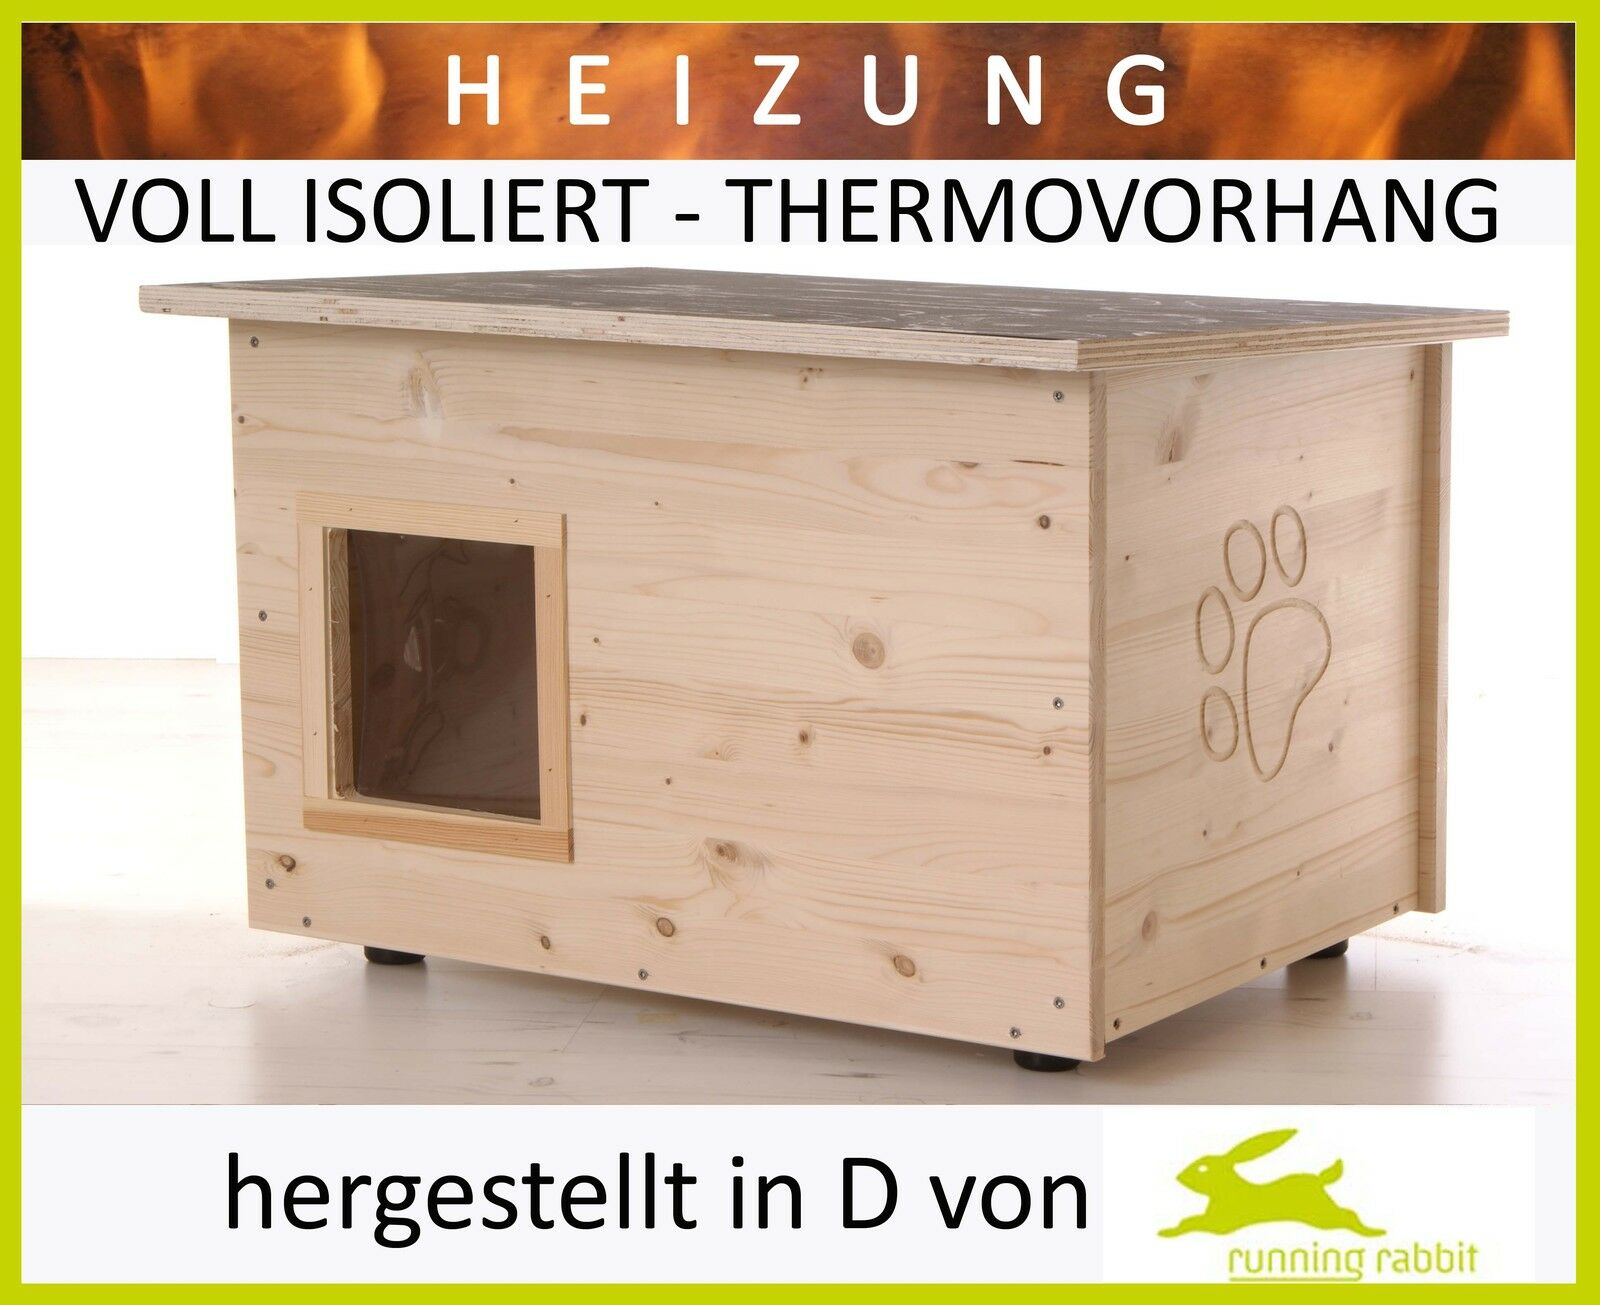 Katzenhaus mit Heizung - Boden Wände wärmegedämmt – – – Thermovorhang - Katzenhütte 8c4283